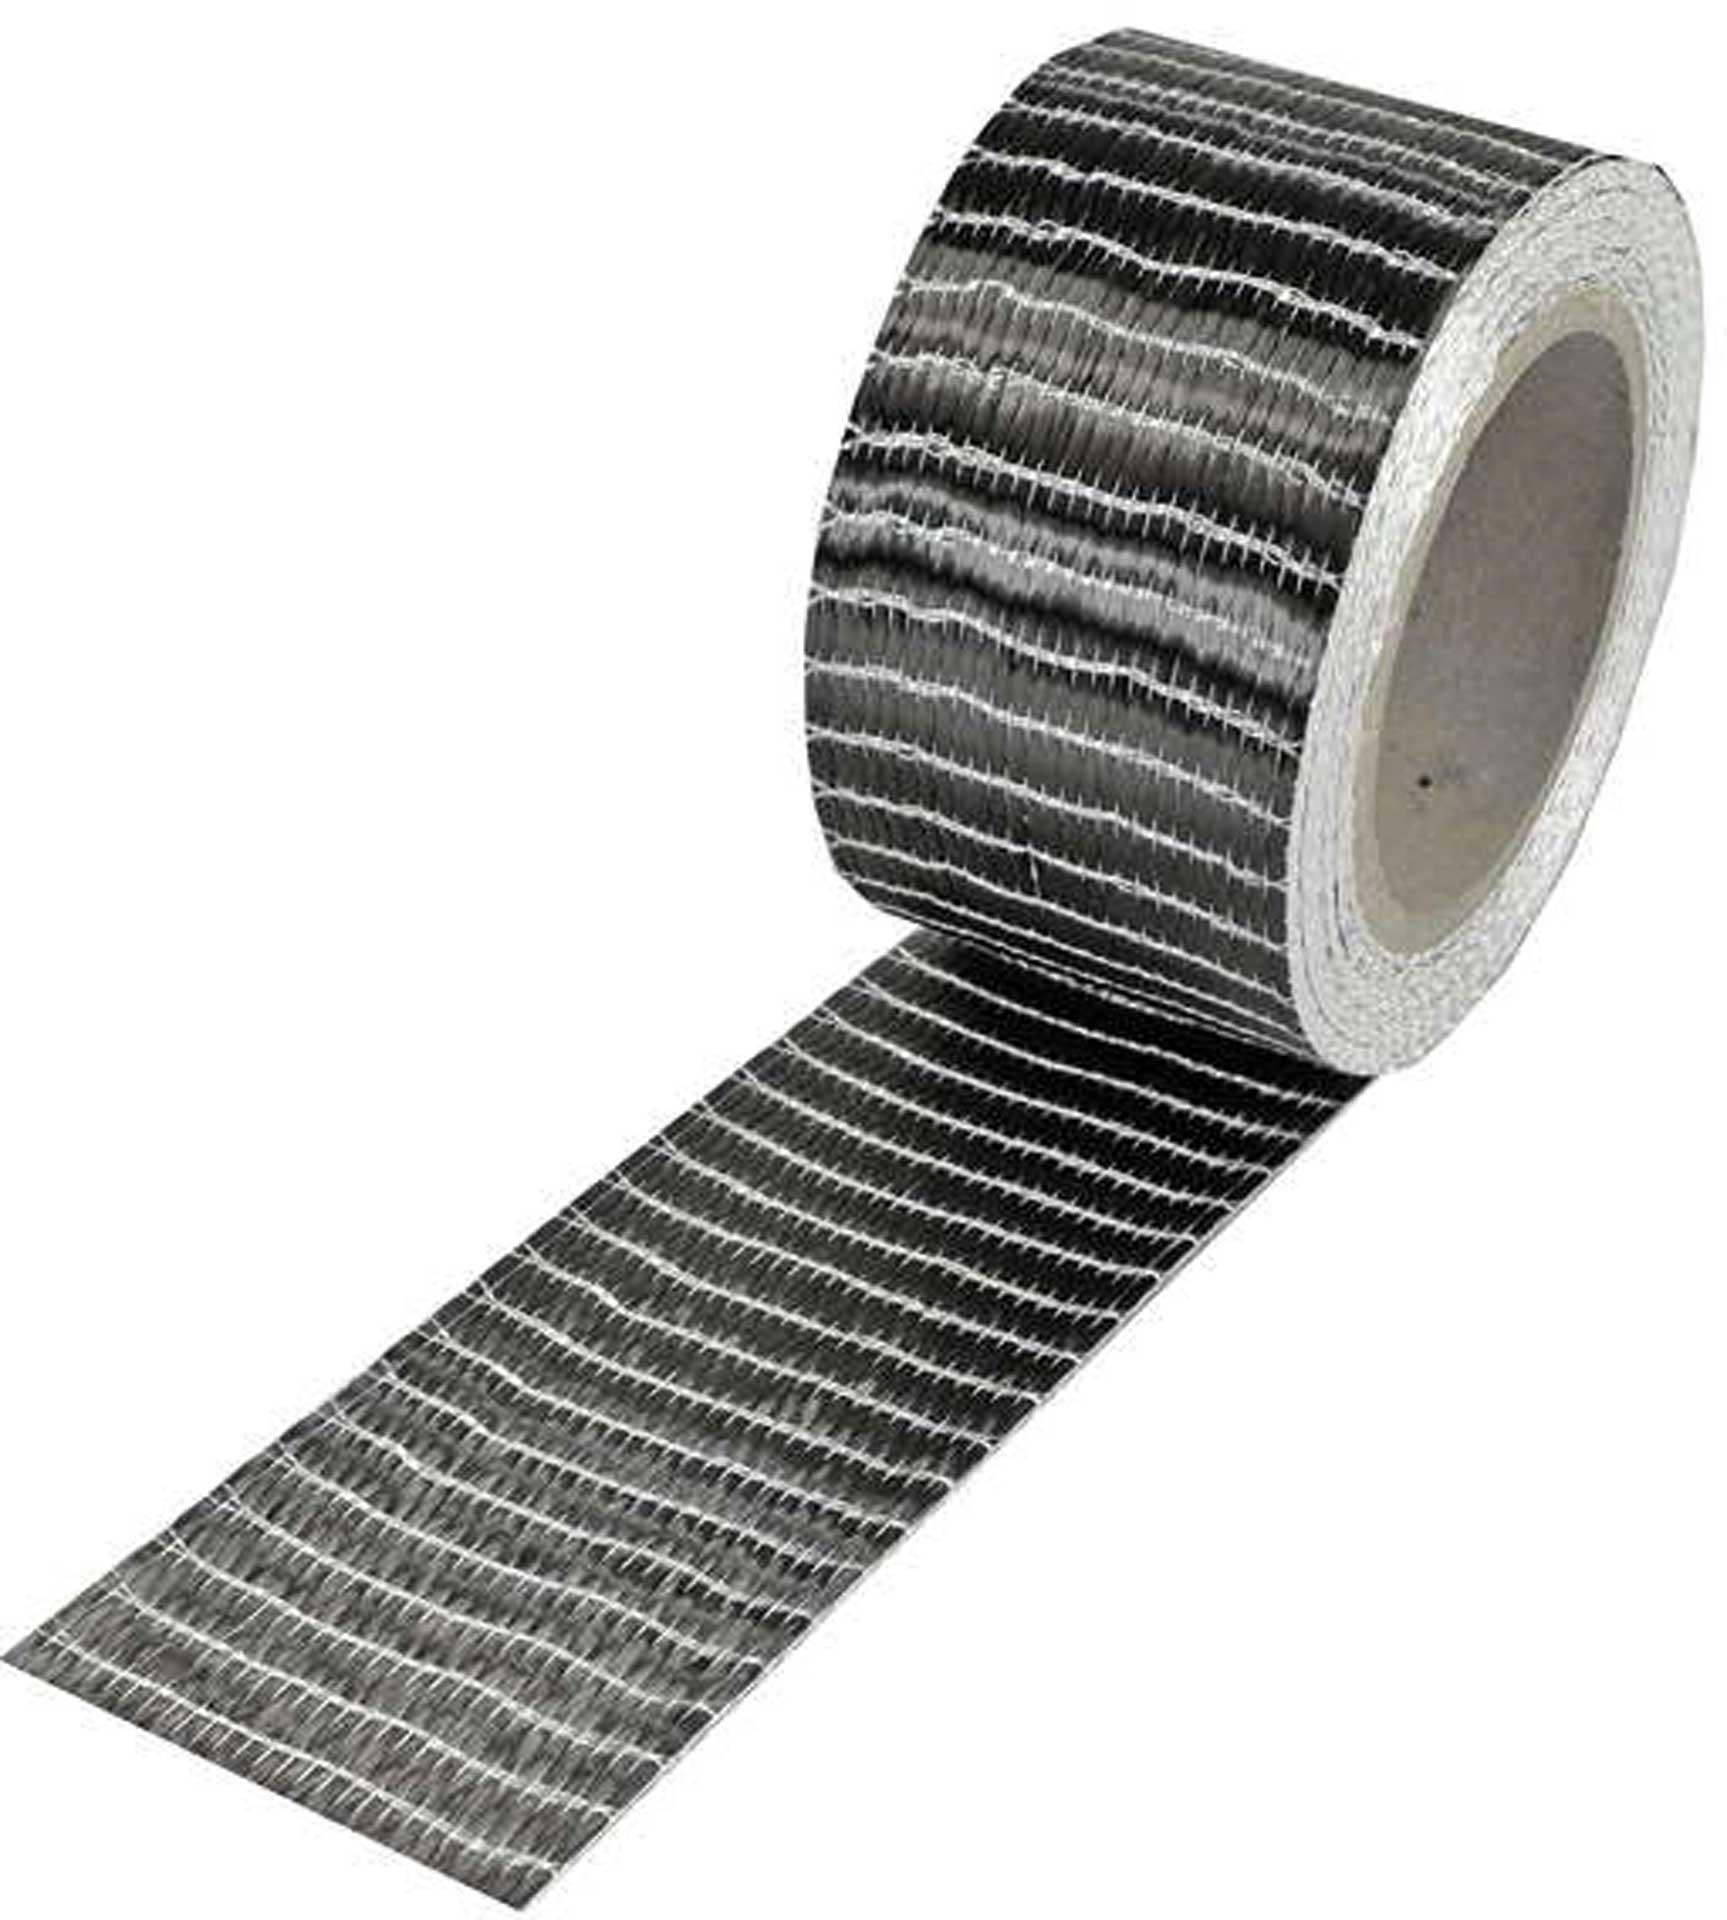 R&G Kohlefaserband 250 g, 6k, UD (50 mm) Rolle/ 10 m